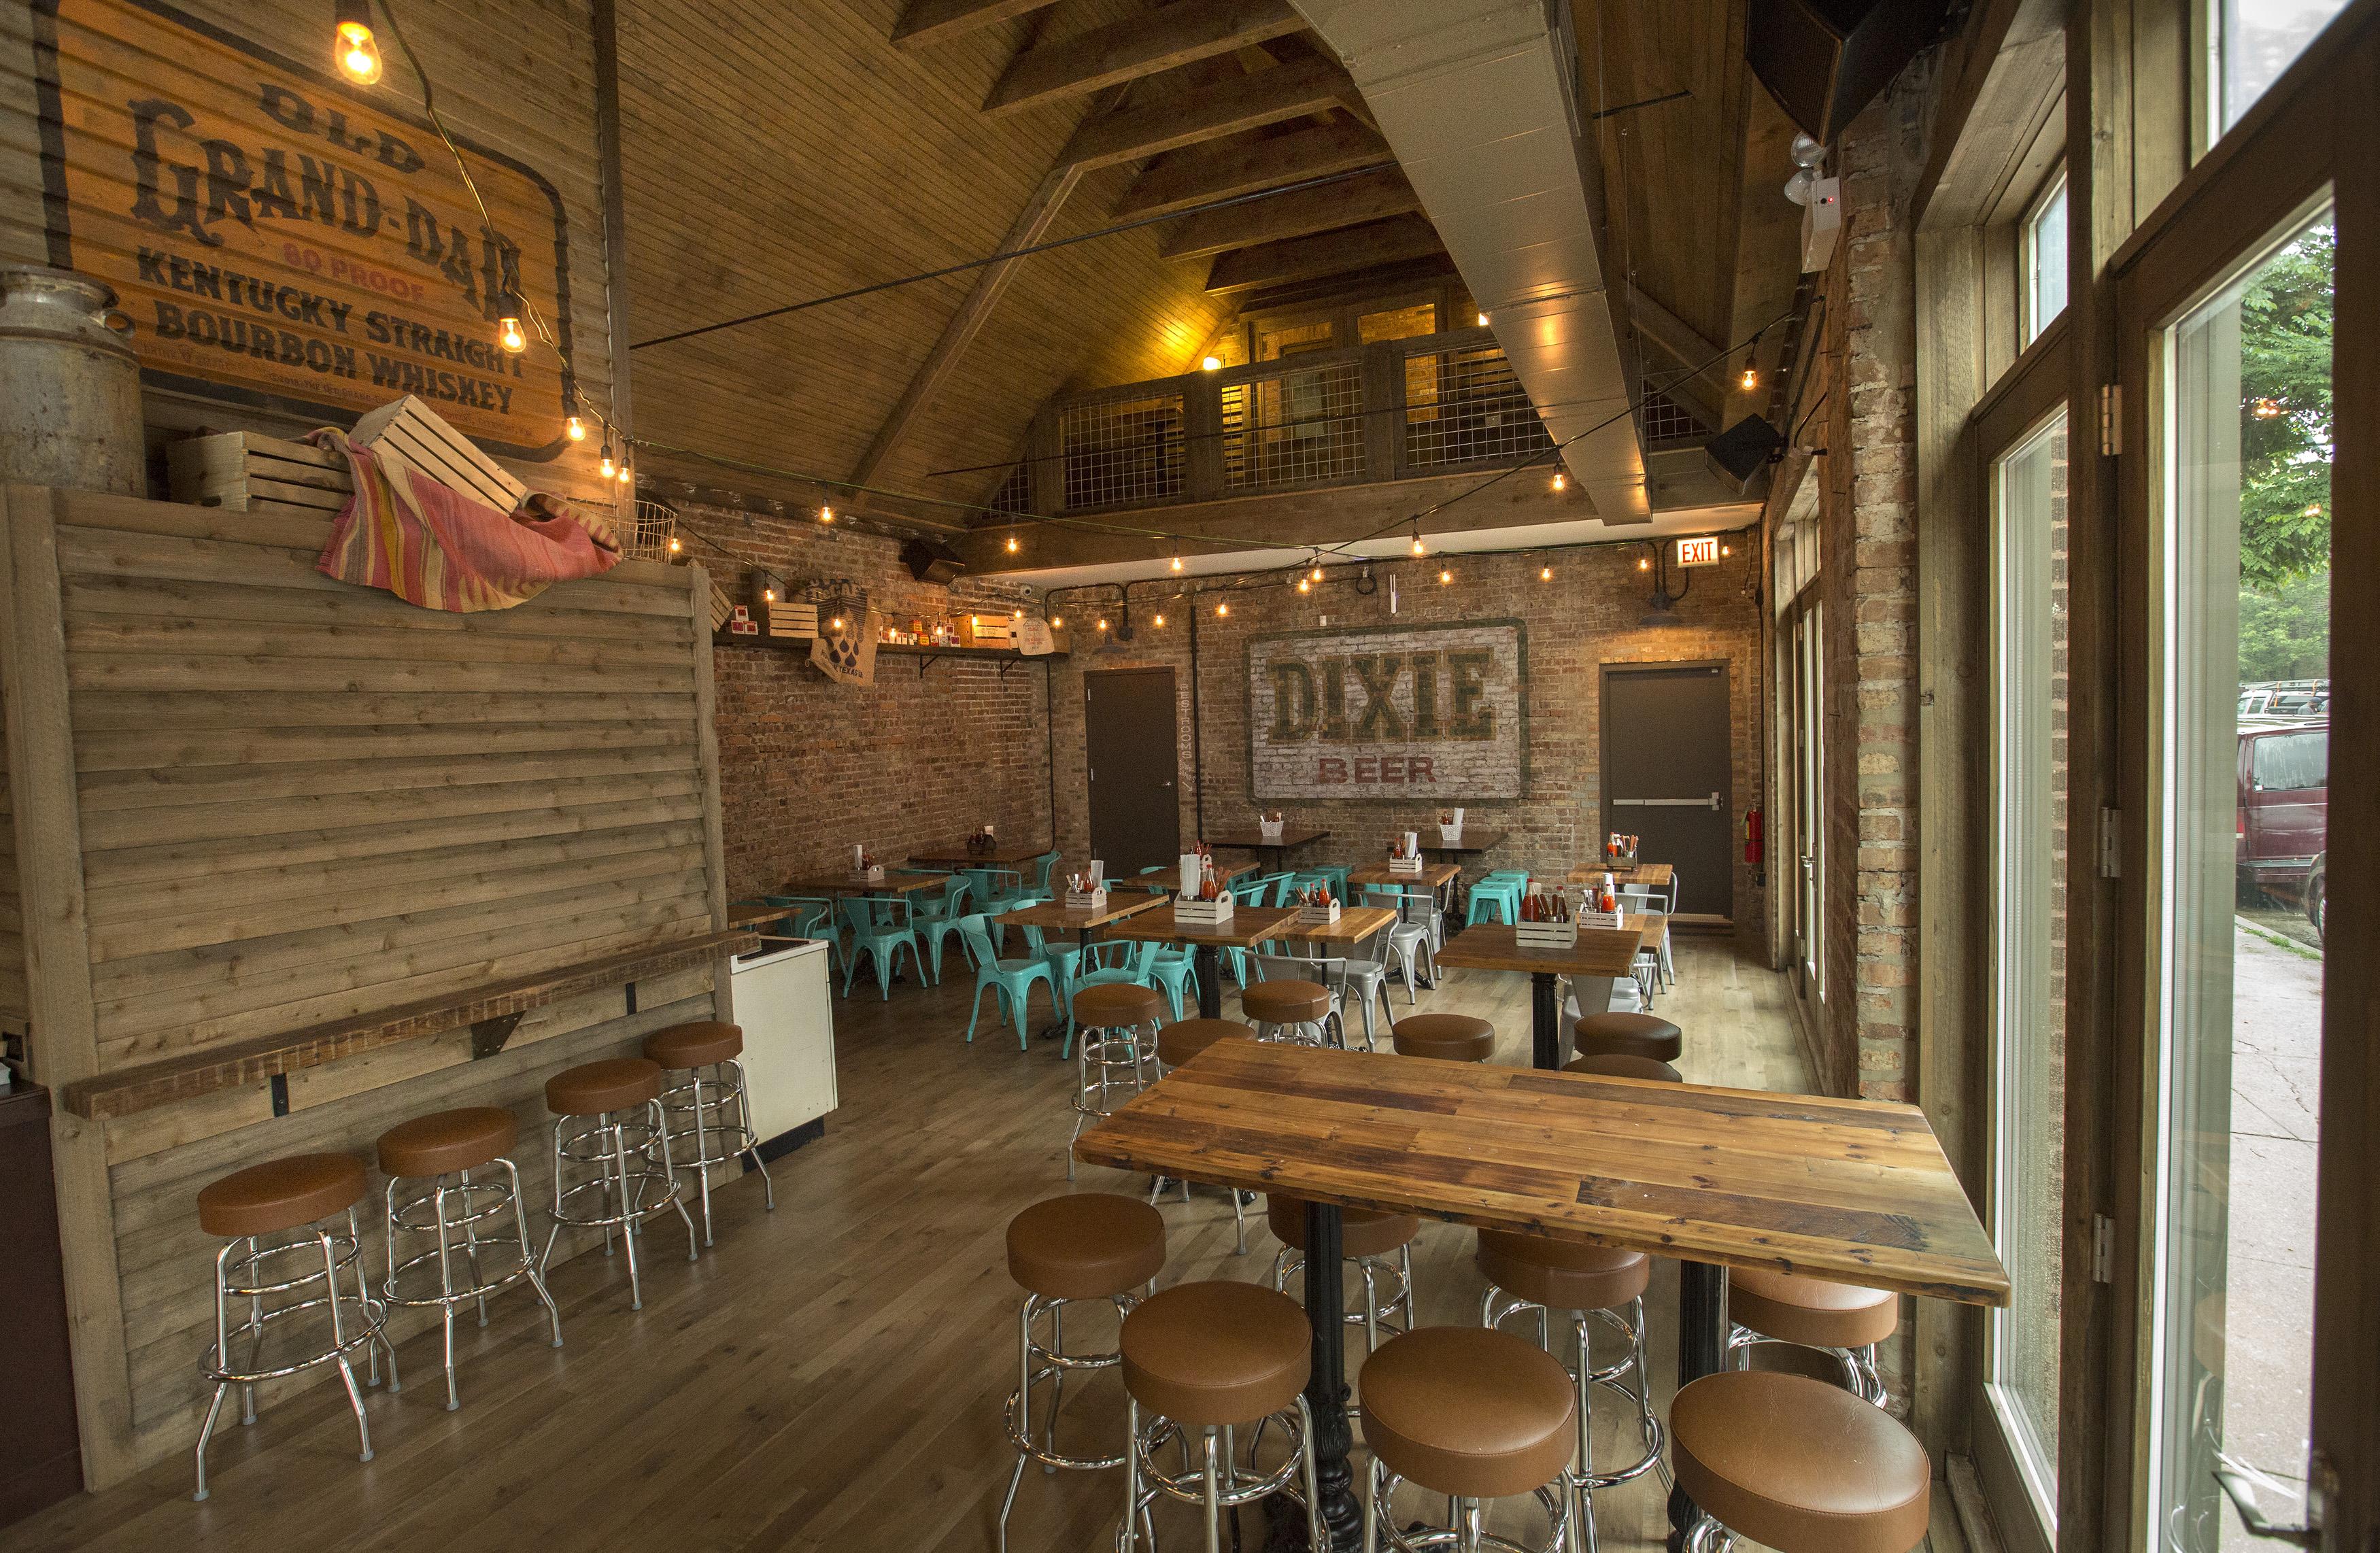 A brown, wood-laden restaurant interior